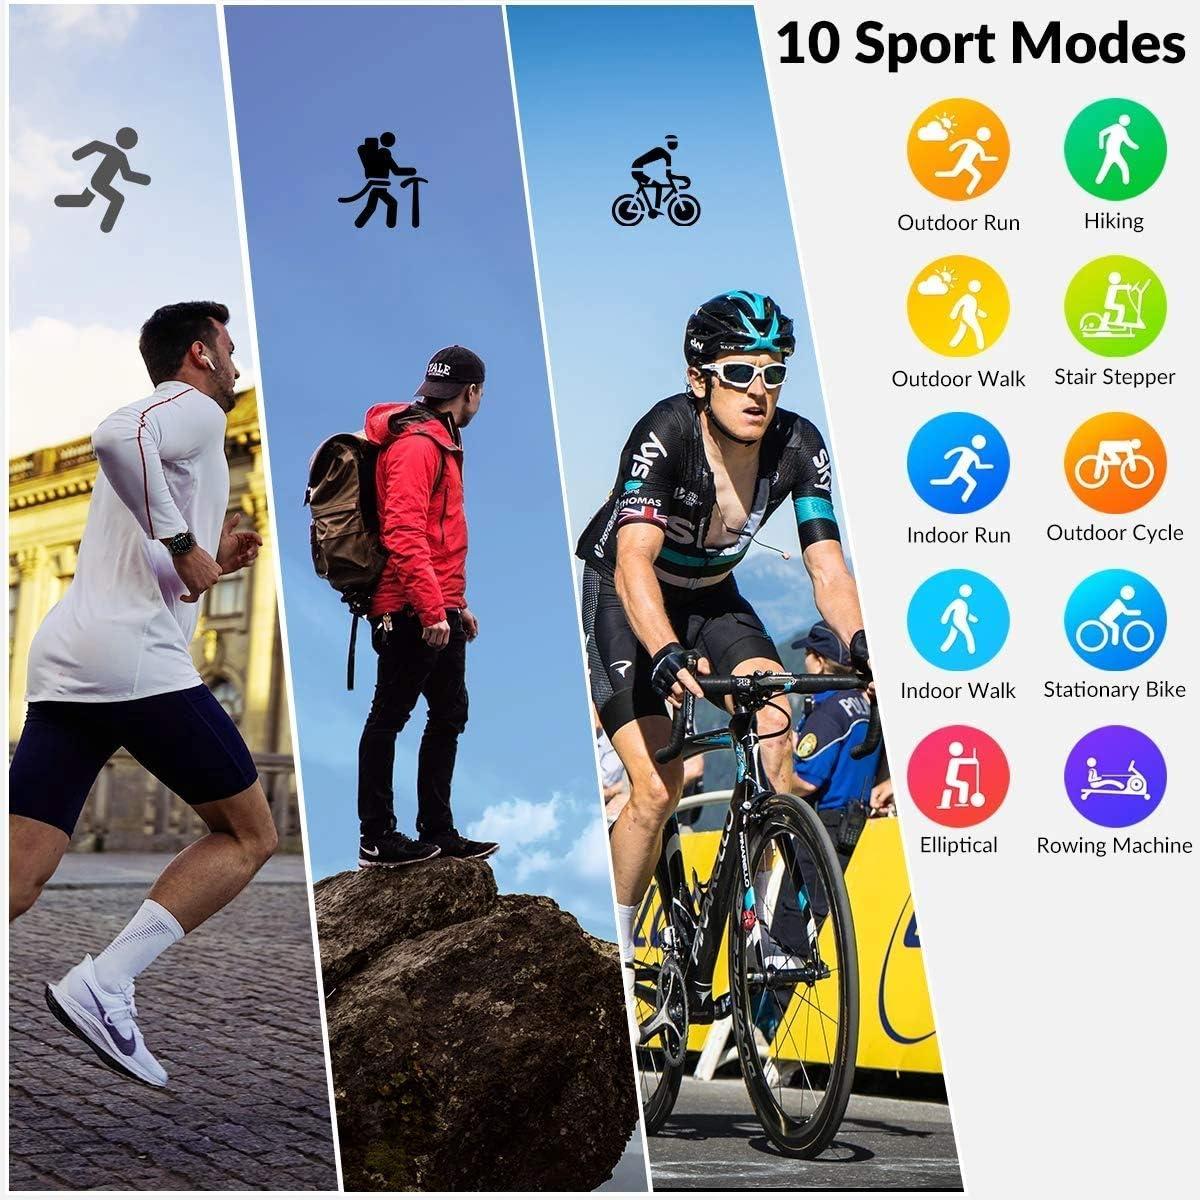 black Montre Intelligente /étanche IP67 HopoFit HF06 /Écran Tactile Complet de Cercle Sport Bracelet avec Cardiofr/équencem/ètre,Podom/ètre,Sommeil,Notification T/él/éphonique pour Android iOS Homme Femme